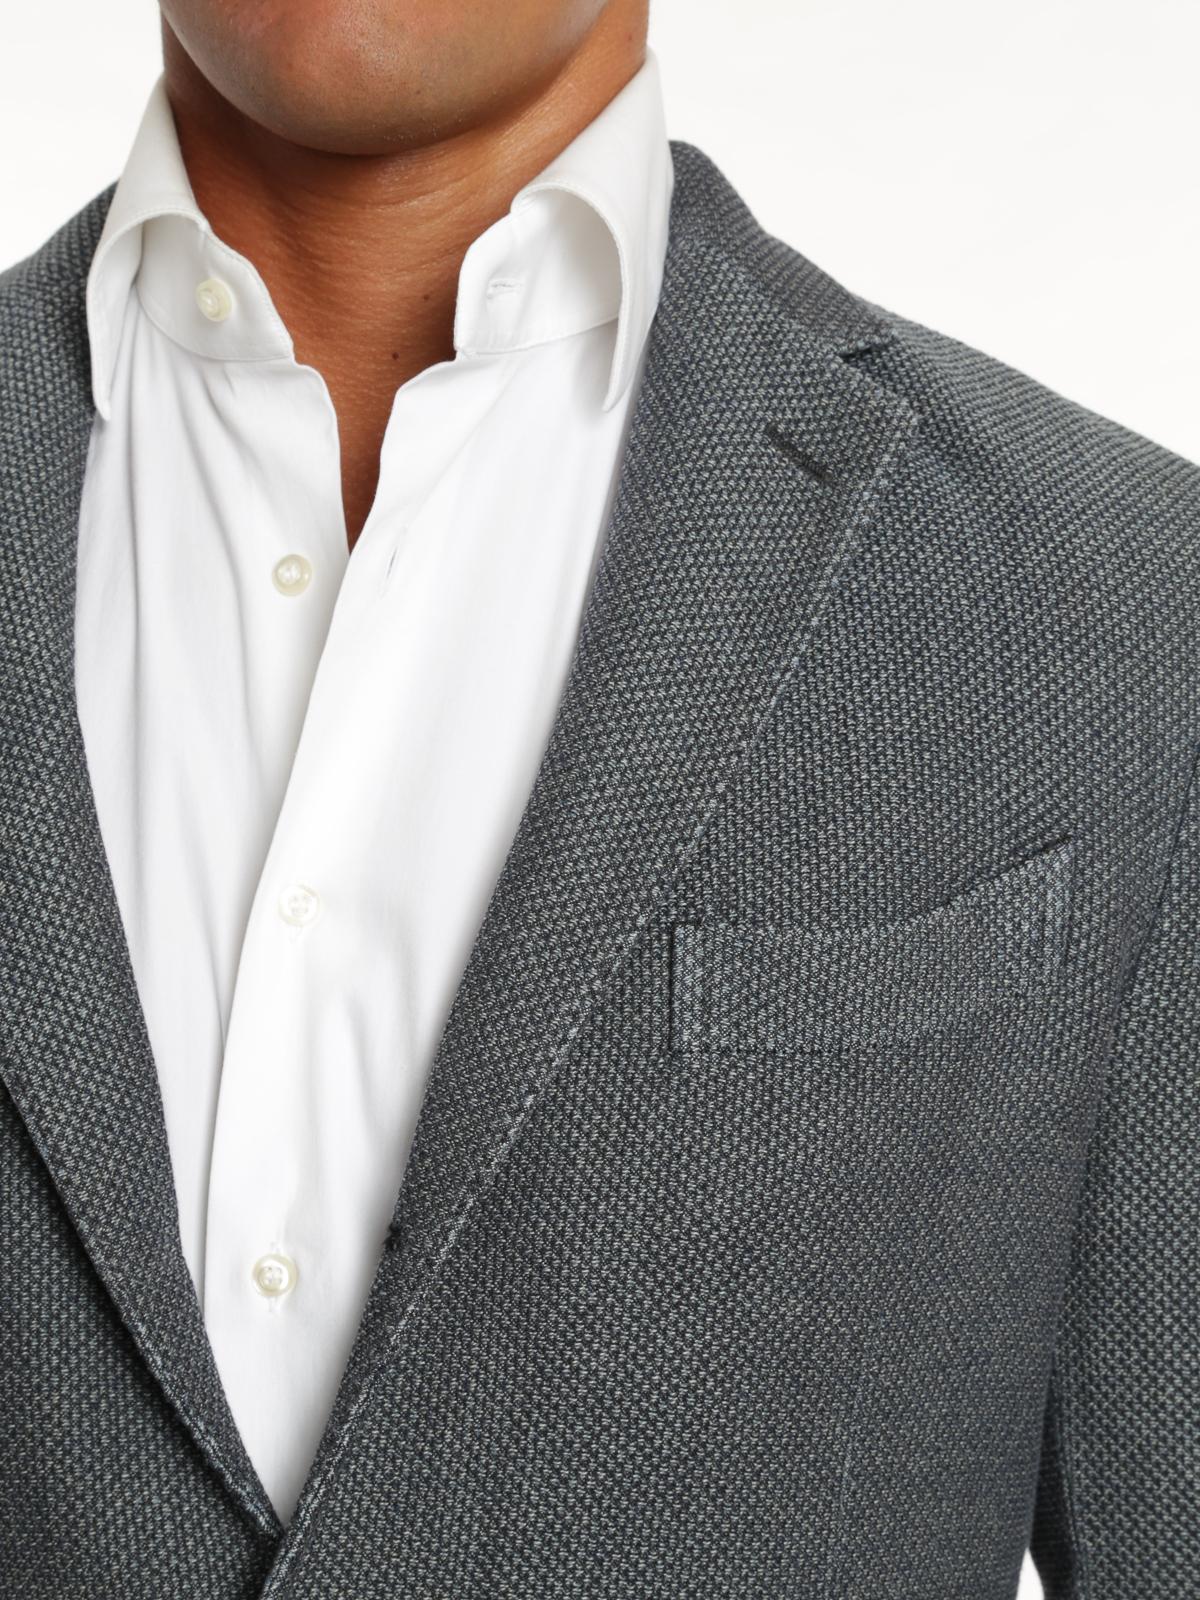 6060f3d4e2865 Boglioli - Giacca Coat - giacche blazer - R3302G BDP421 215